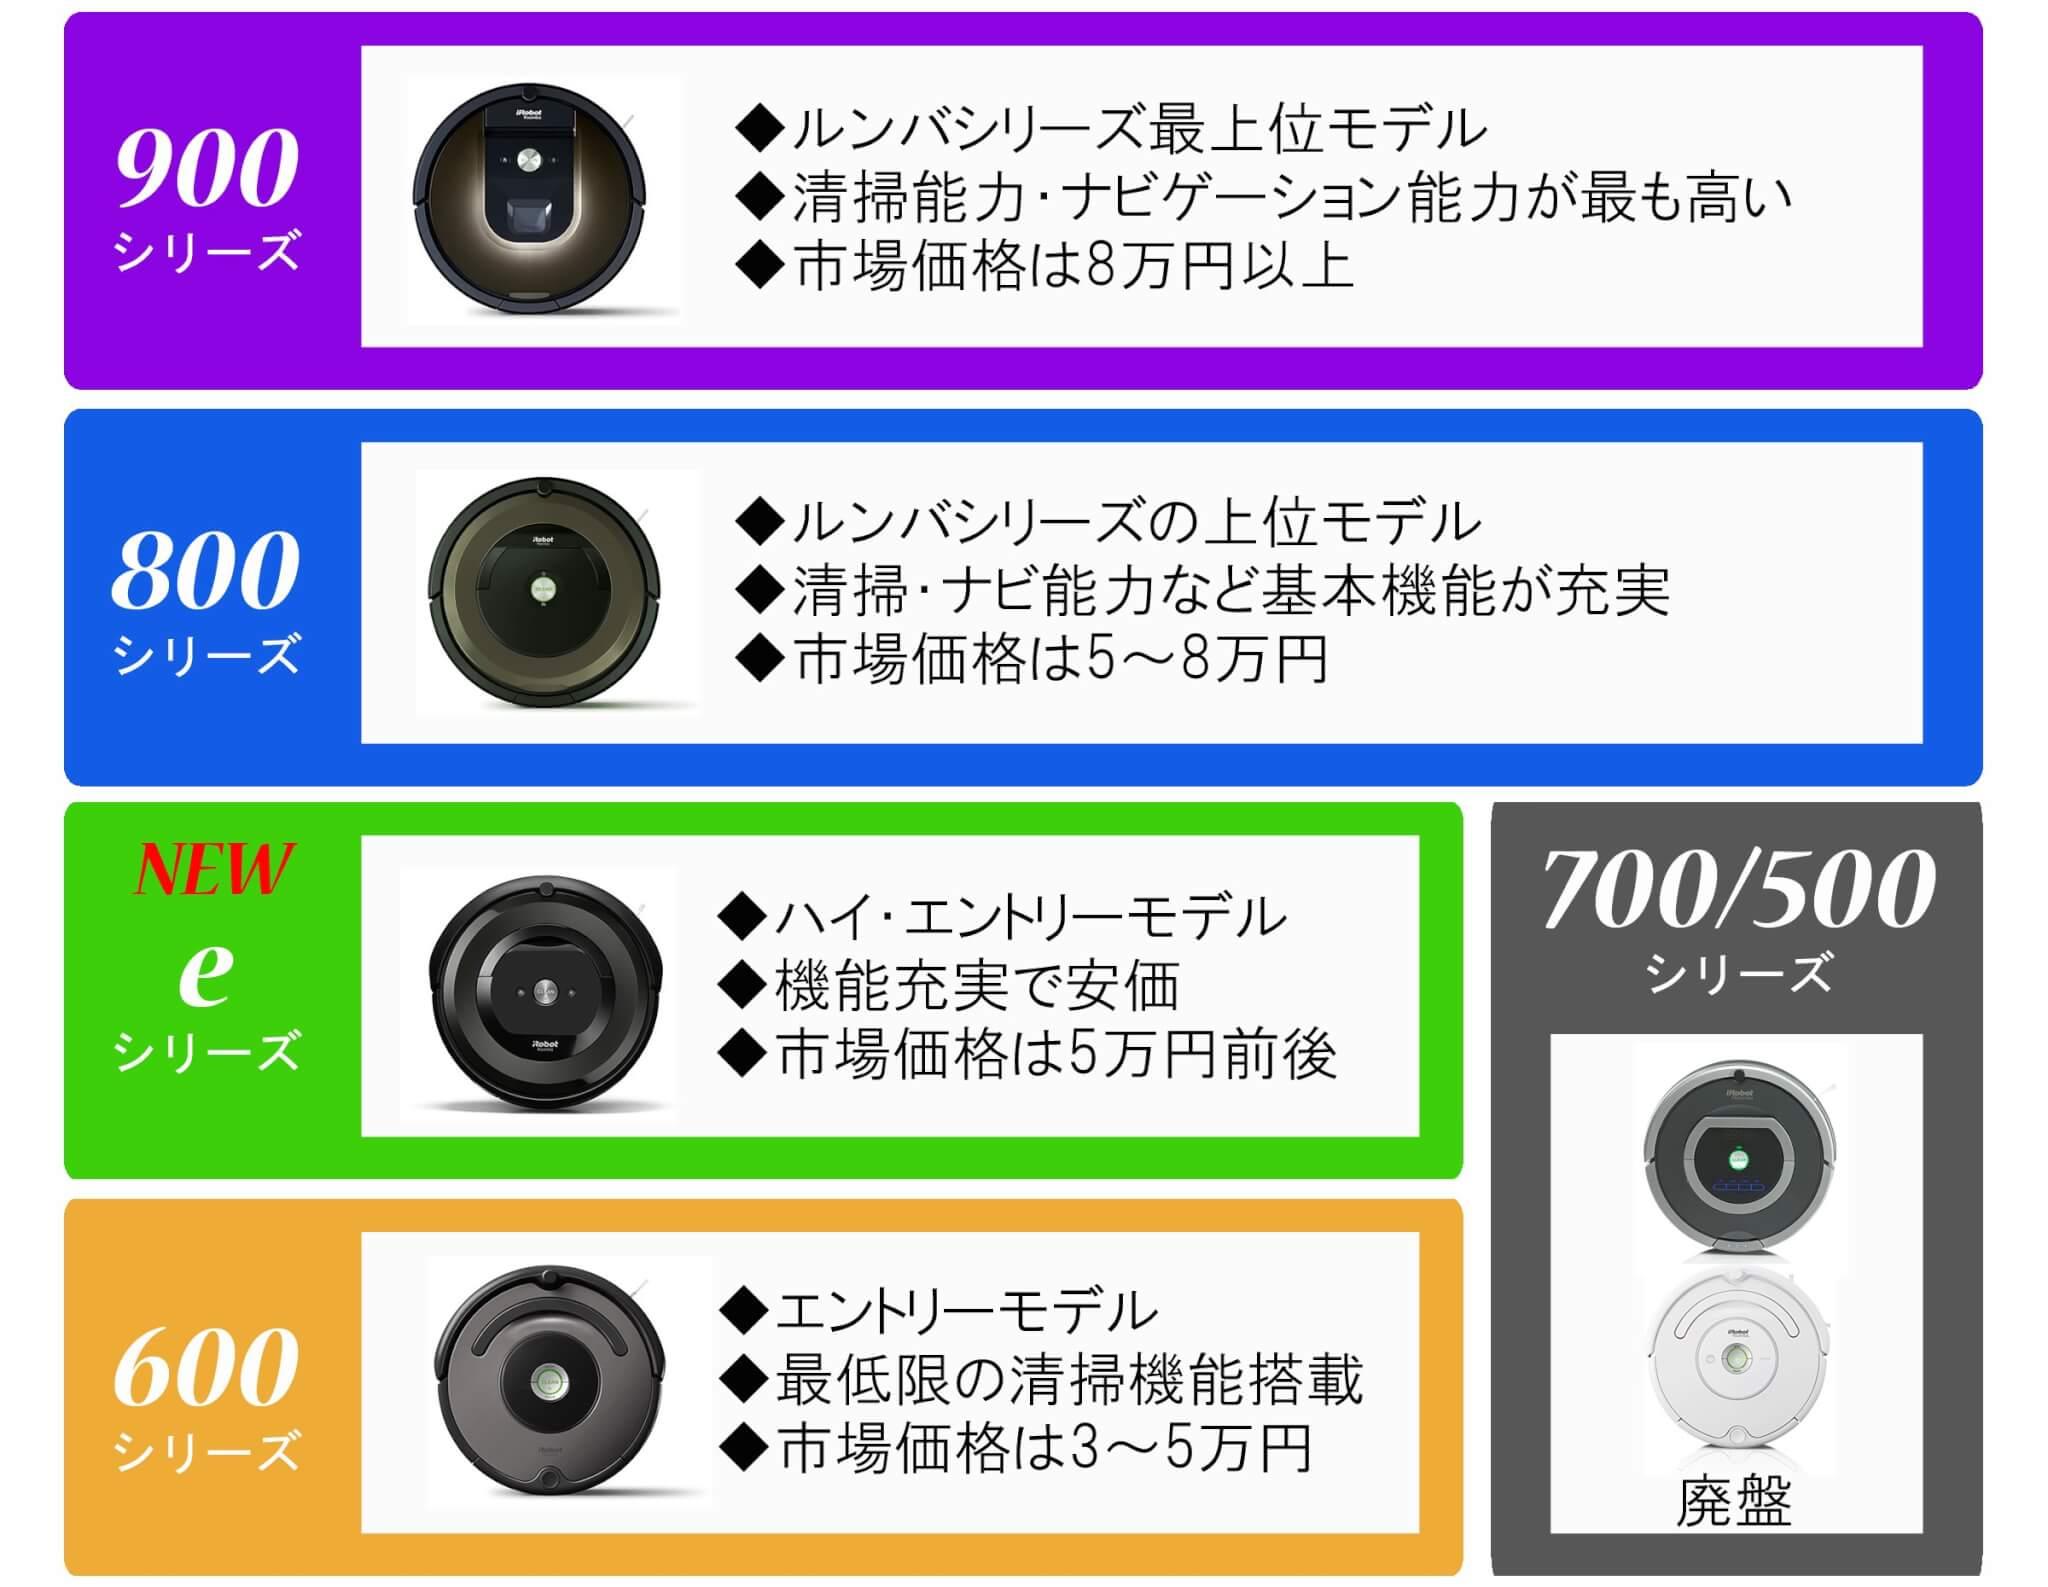 ルンバe5とルンバ900や800との違いは?